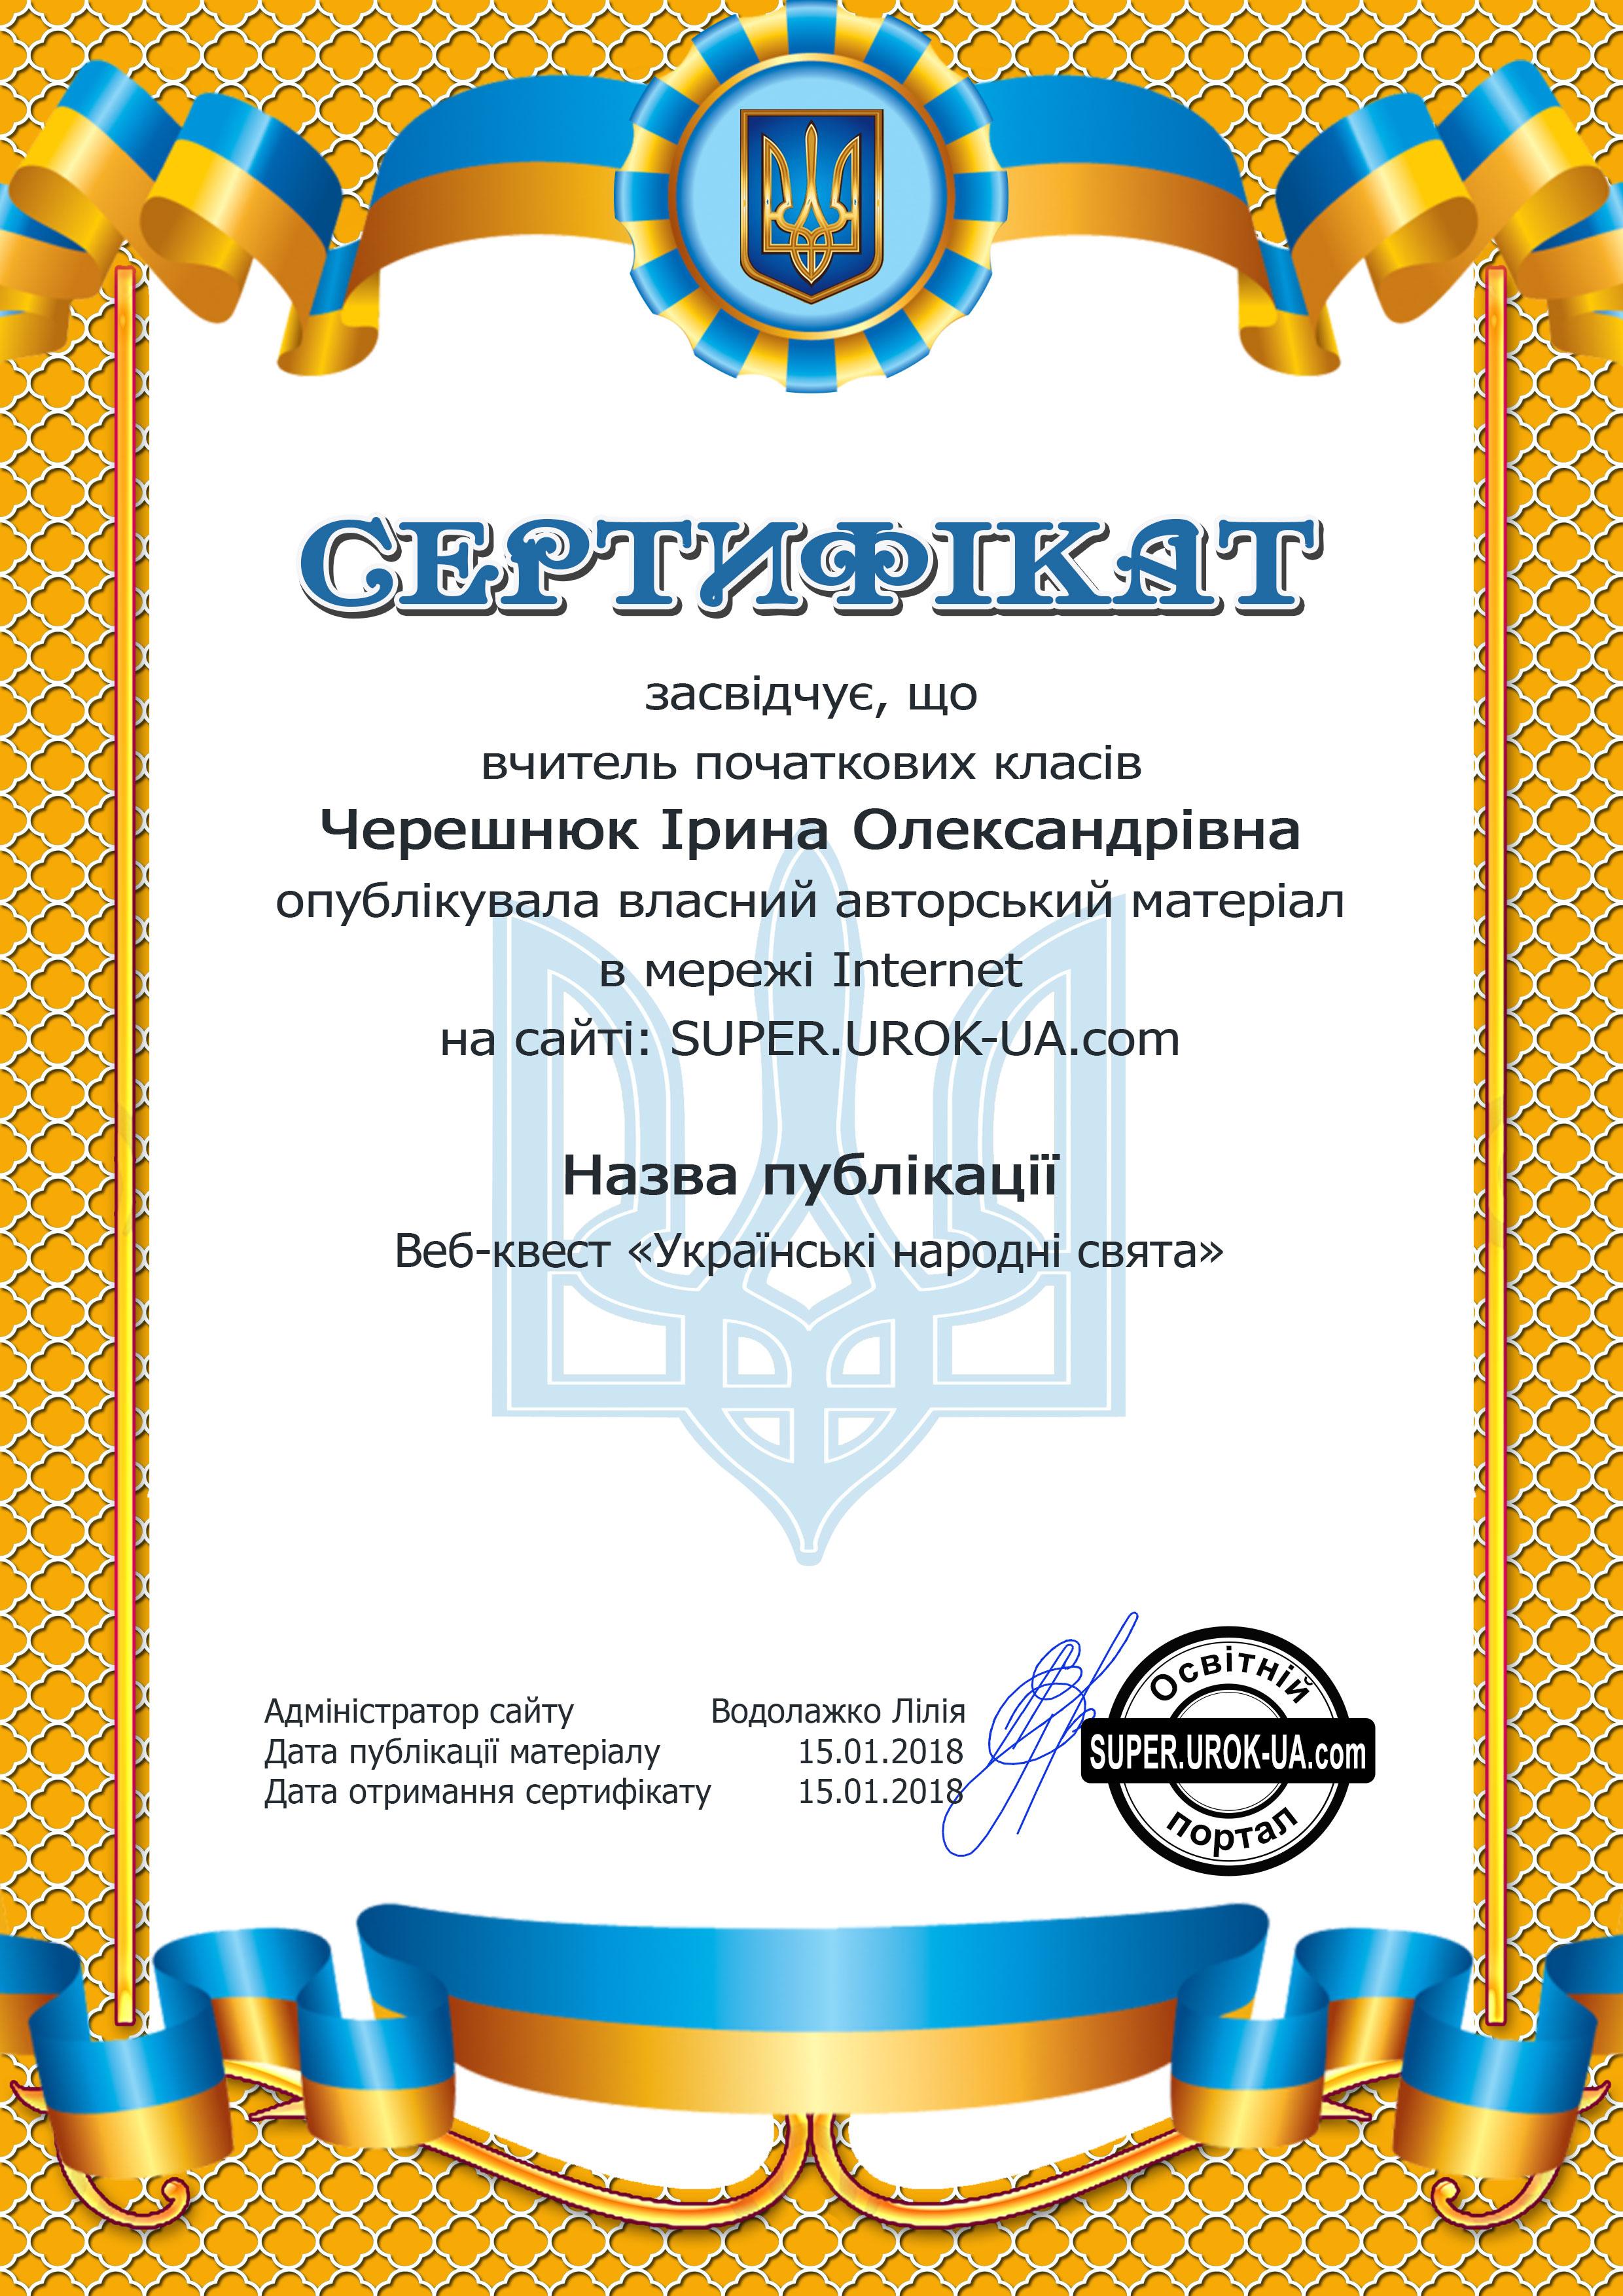 Сертифікат-349